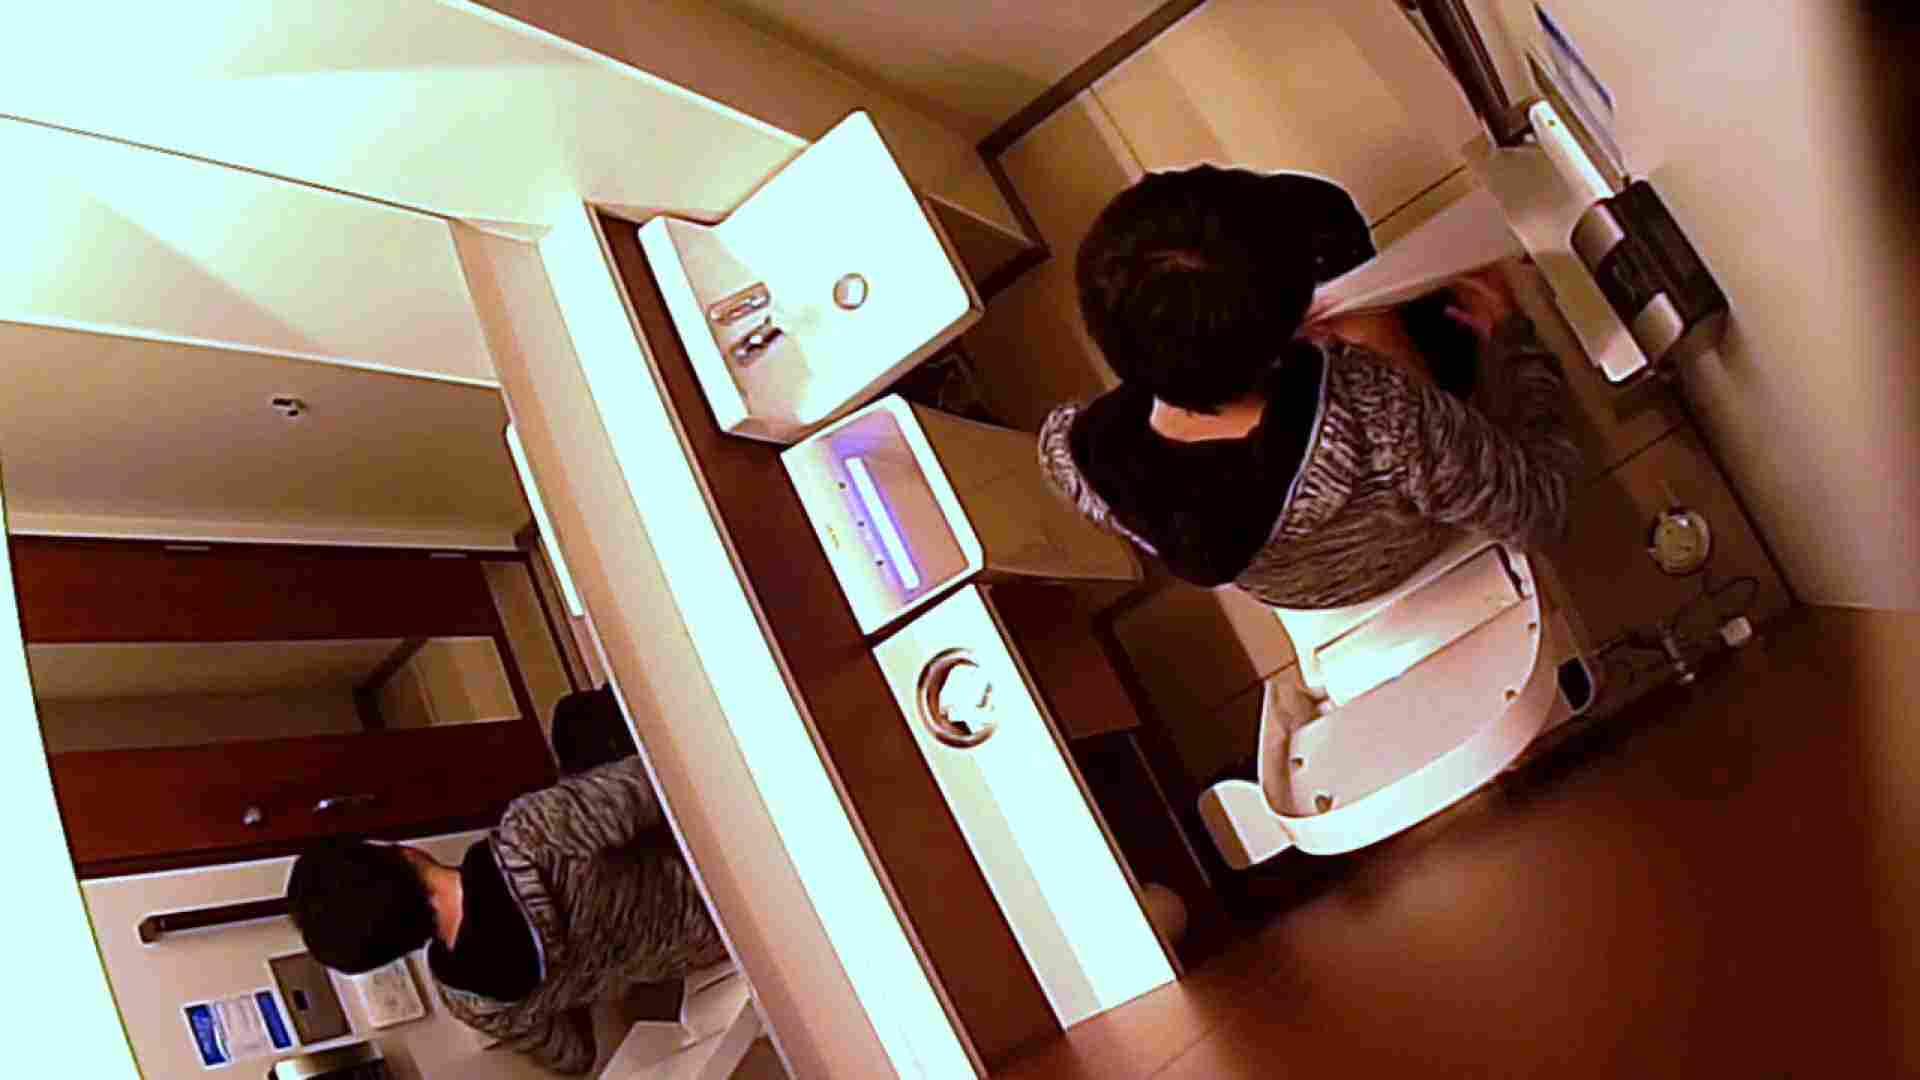 イケメンの素顔in洗面所 Vol.03 丸見え動画 | ボーイズうんこ  107pic 49